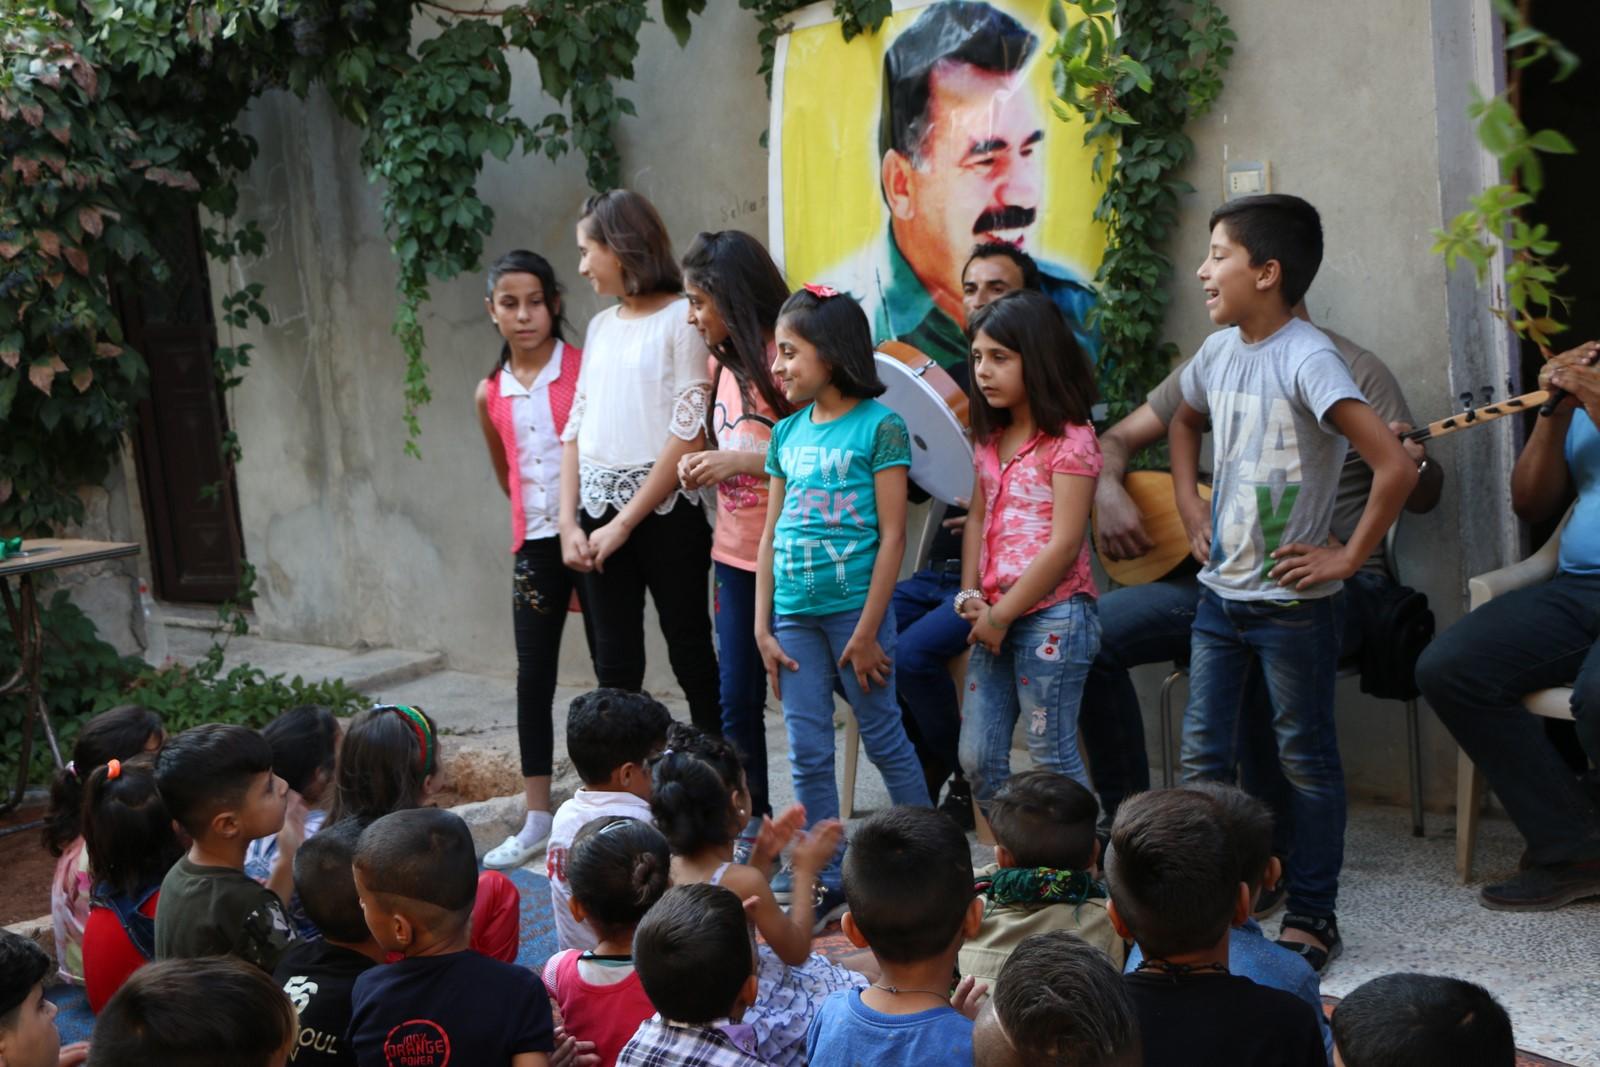 احتفالية لإعادة فرحة العيد لقلوب أطفال الشيخ مقصود